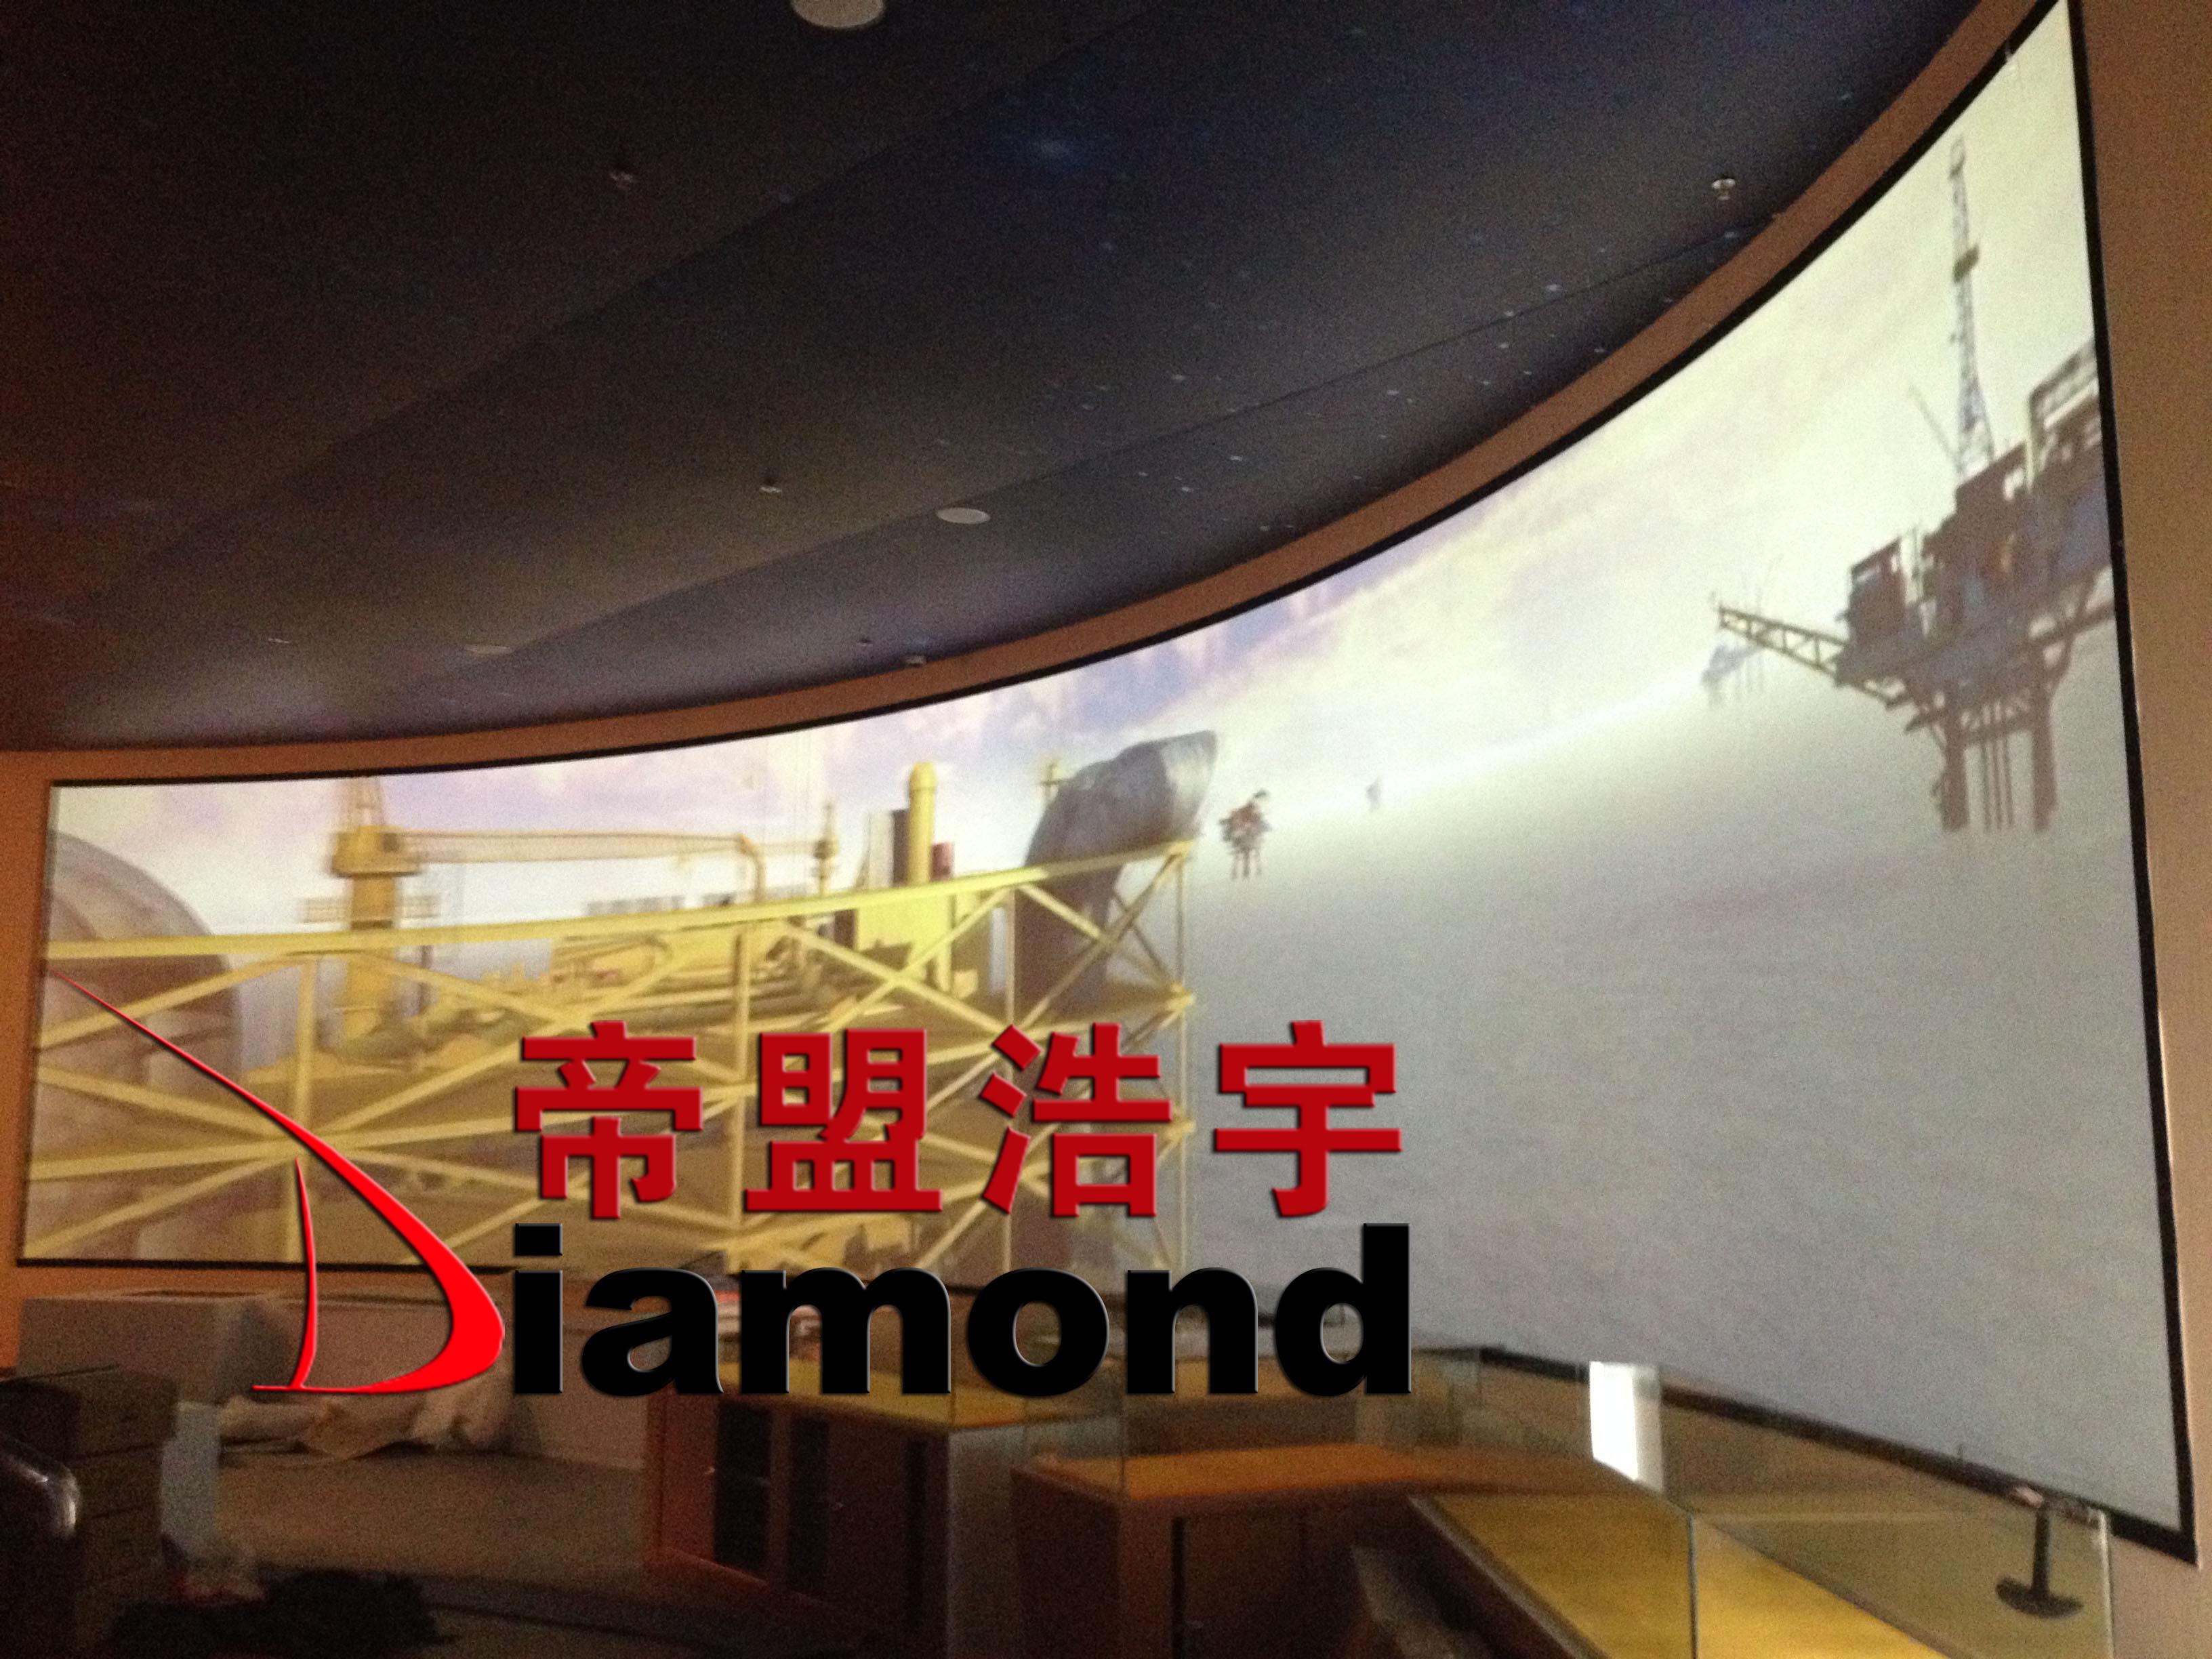 环幕影像工程显示系统